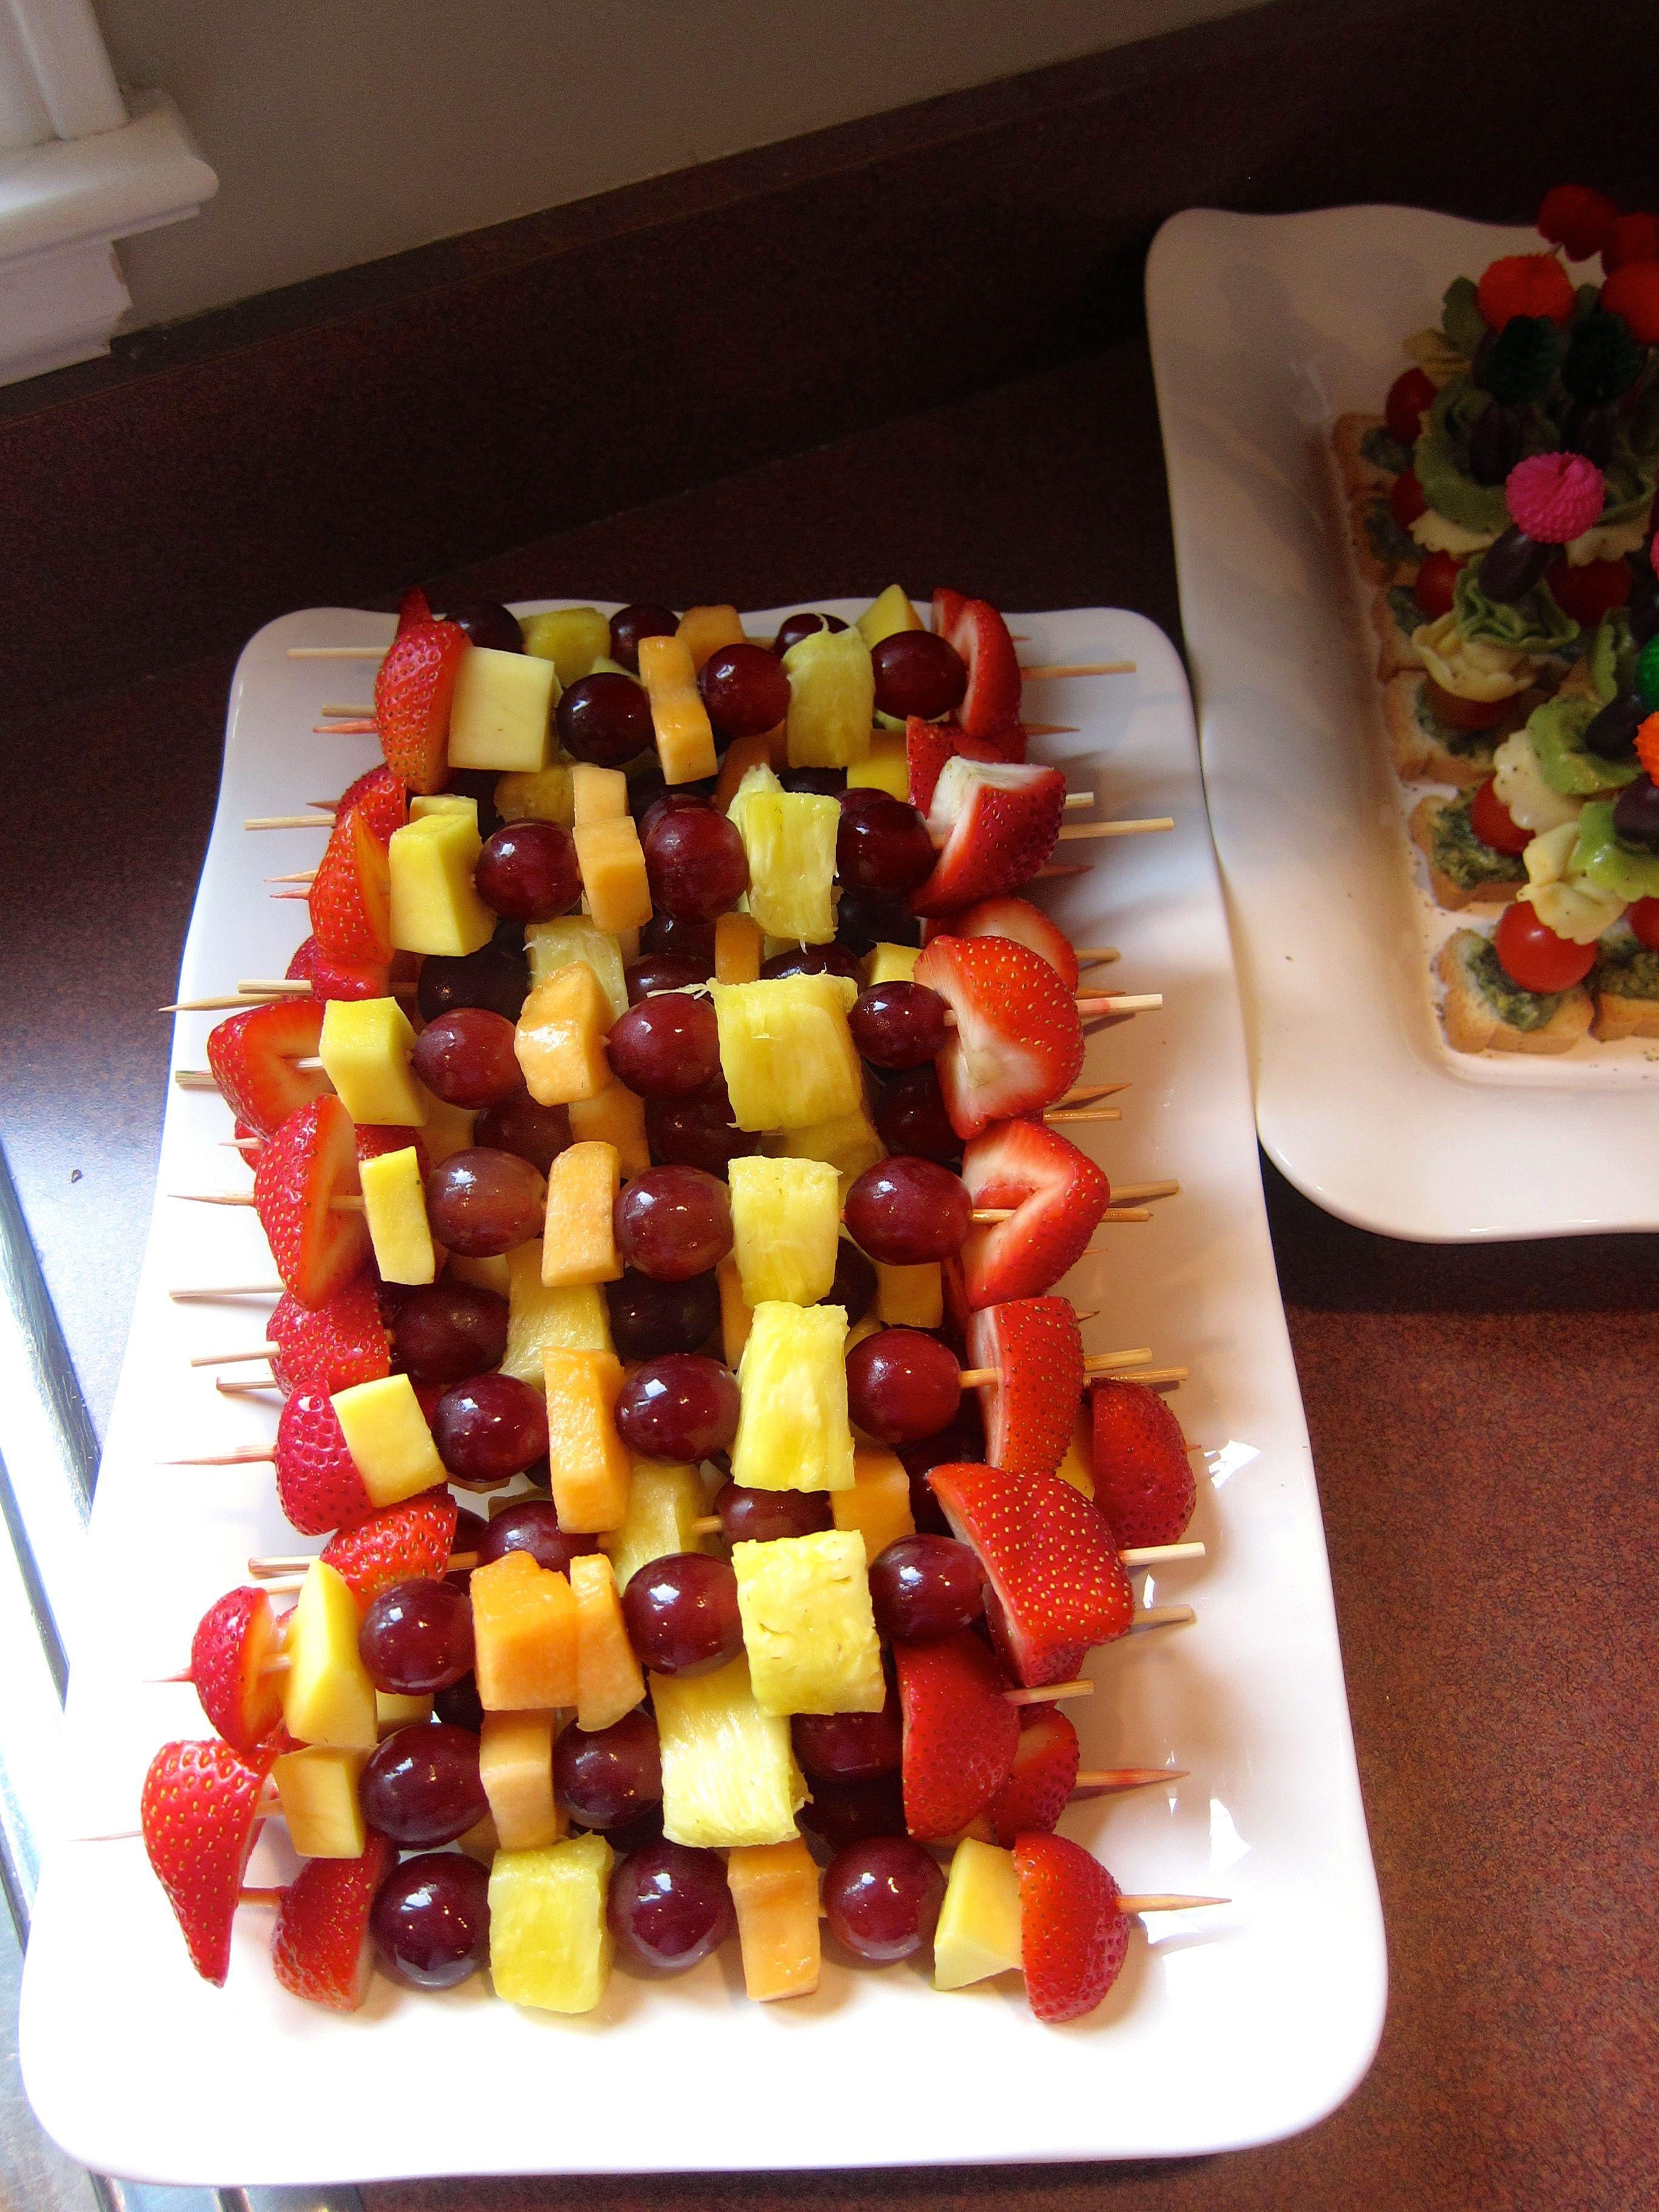 ideas for bridal shower brunch food%0A Fresh Fruit Skewers  Fruit SkewersLunch MenuShower IdeasBridal ShowerFresh  FruitBrunch